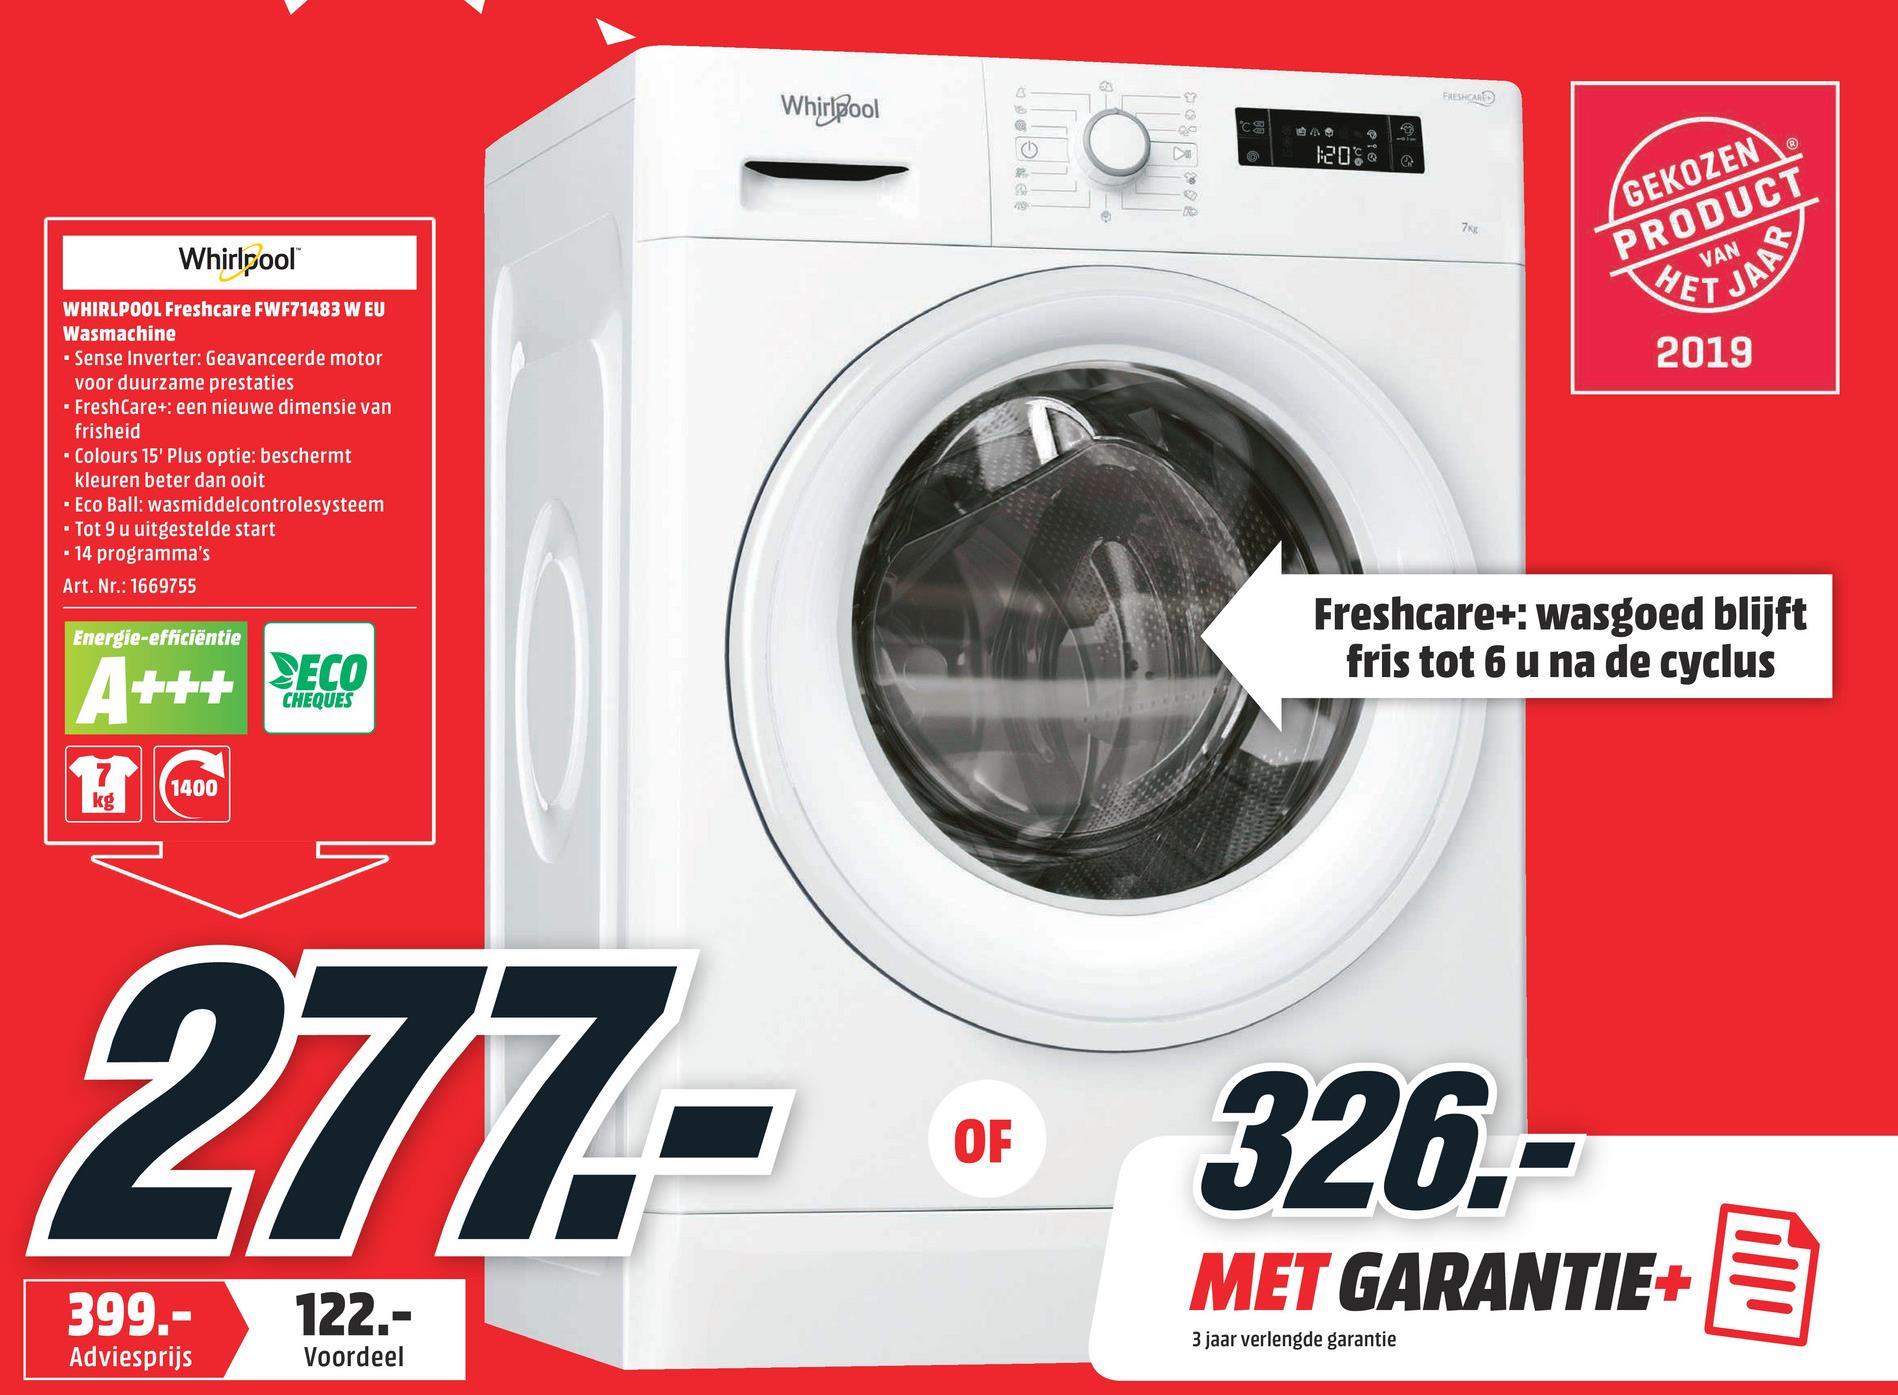 WHIRLPOOL Wasmachine voorlader FreshCare A+++ (FWF71483 W EU) WHIRLPOOL Wasmachine voorlader FreshCare A+++ (FWF71483 W EU)